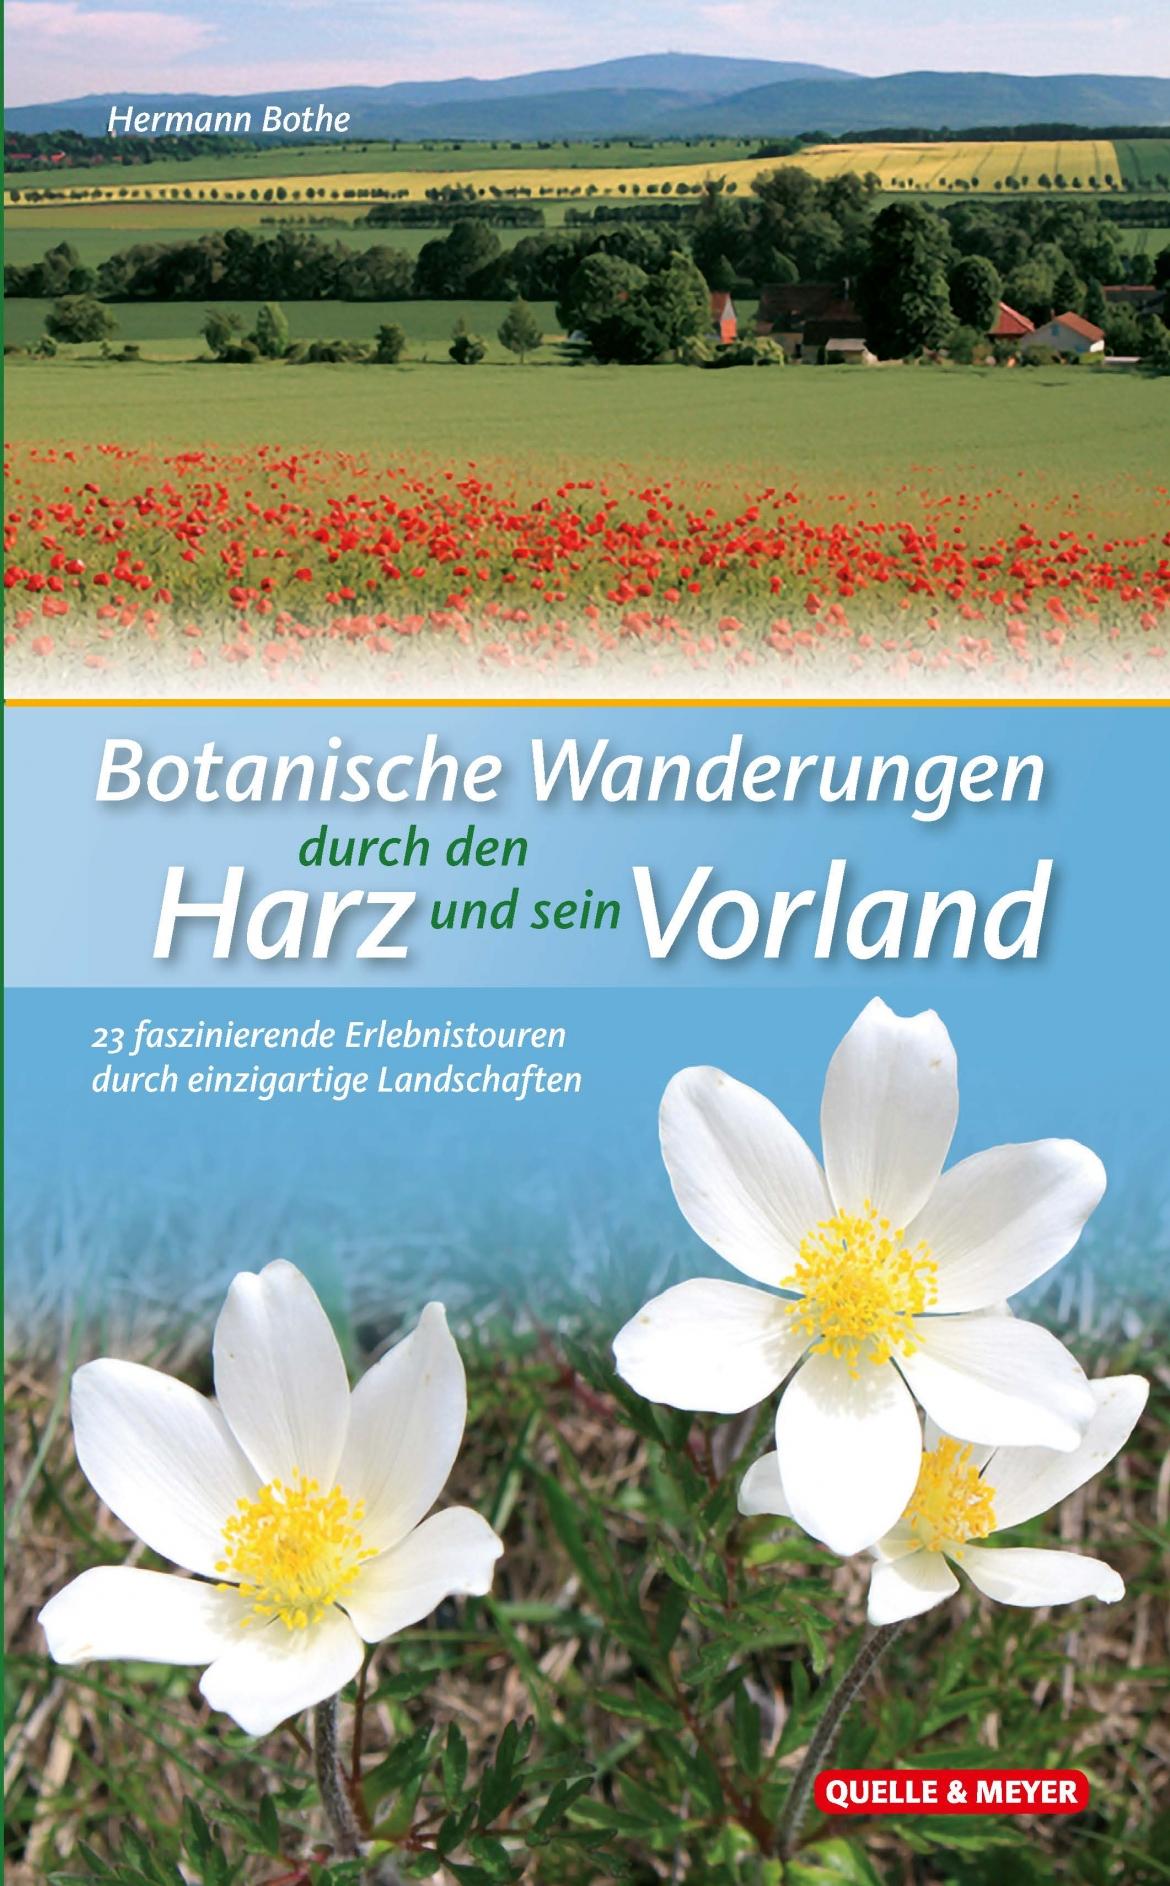 Bothe-Botanische-Wanderungen_Seite_1.jpg